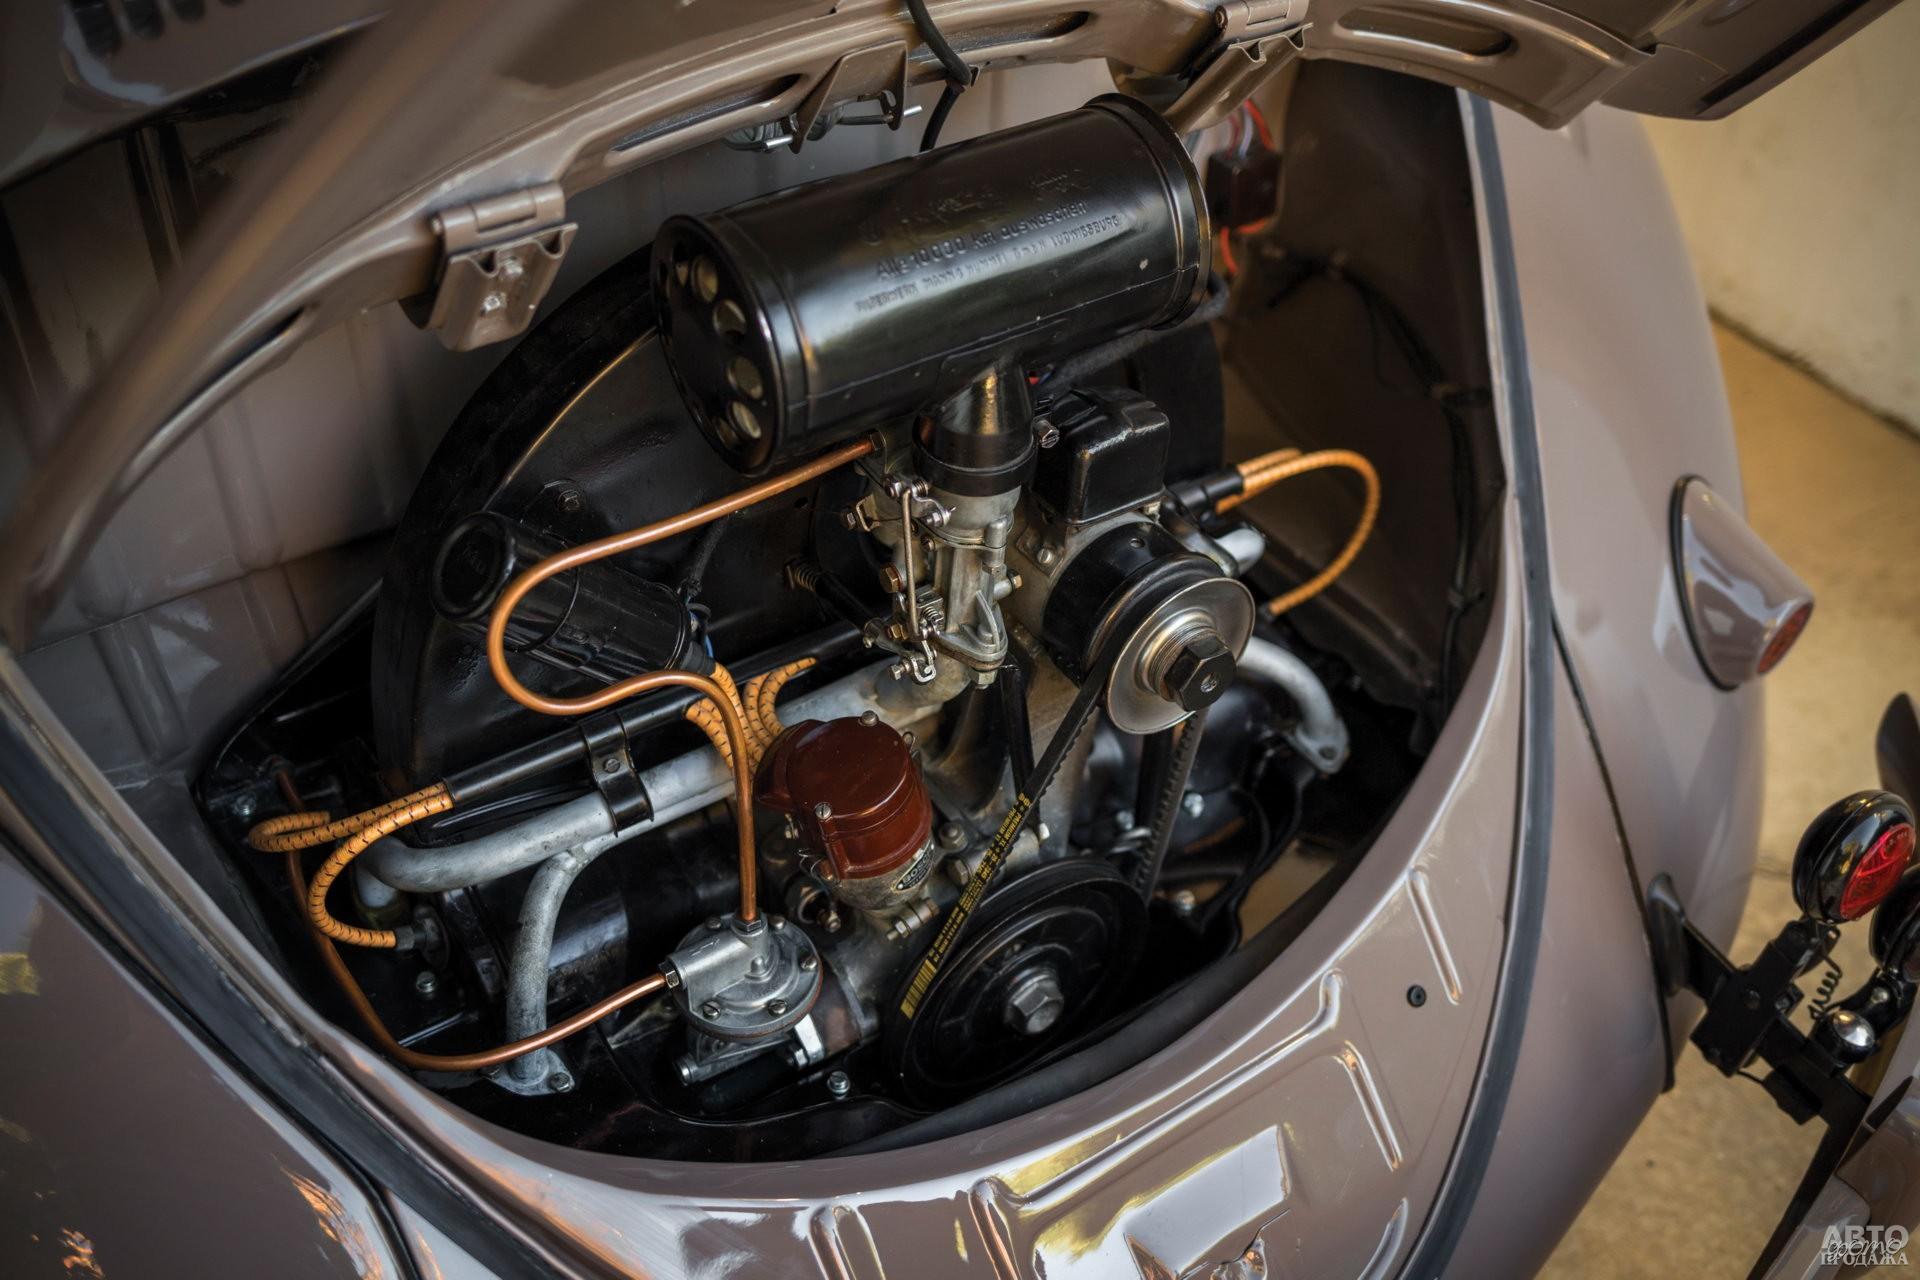 Оппозитный двигатель имел воздушное охлаждение